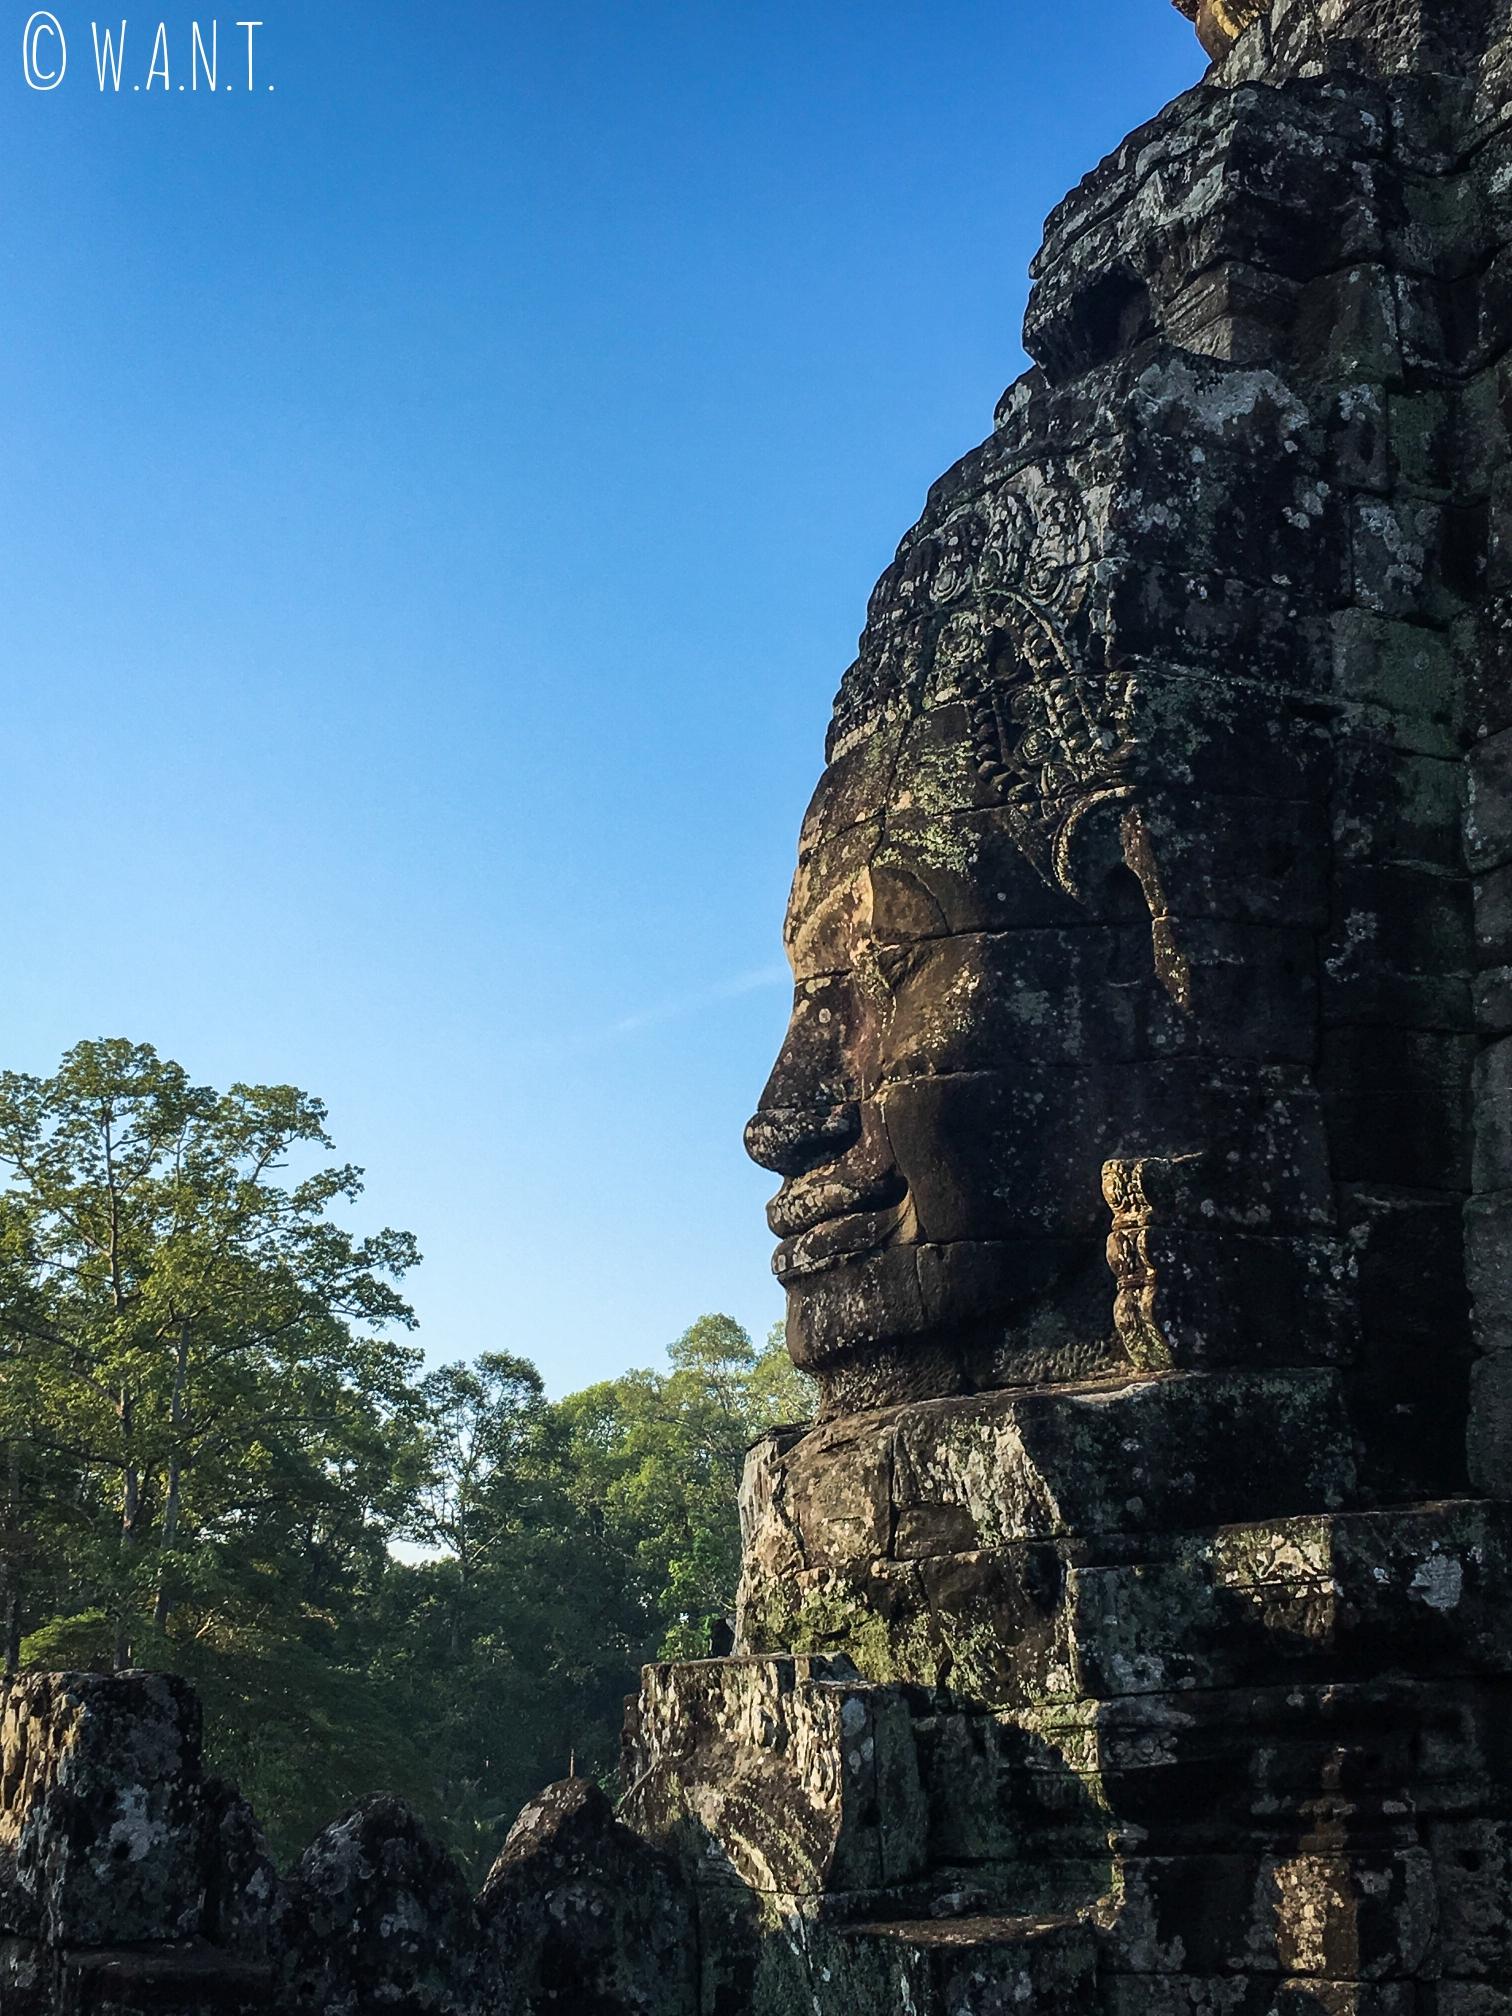 Visage du temple Bayon et végétation